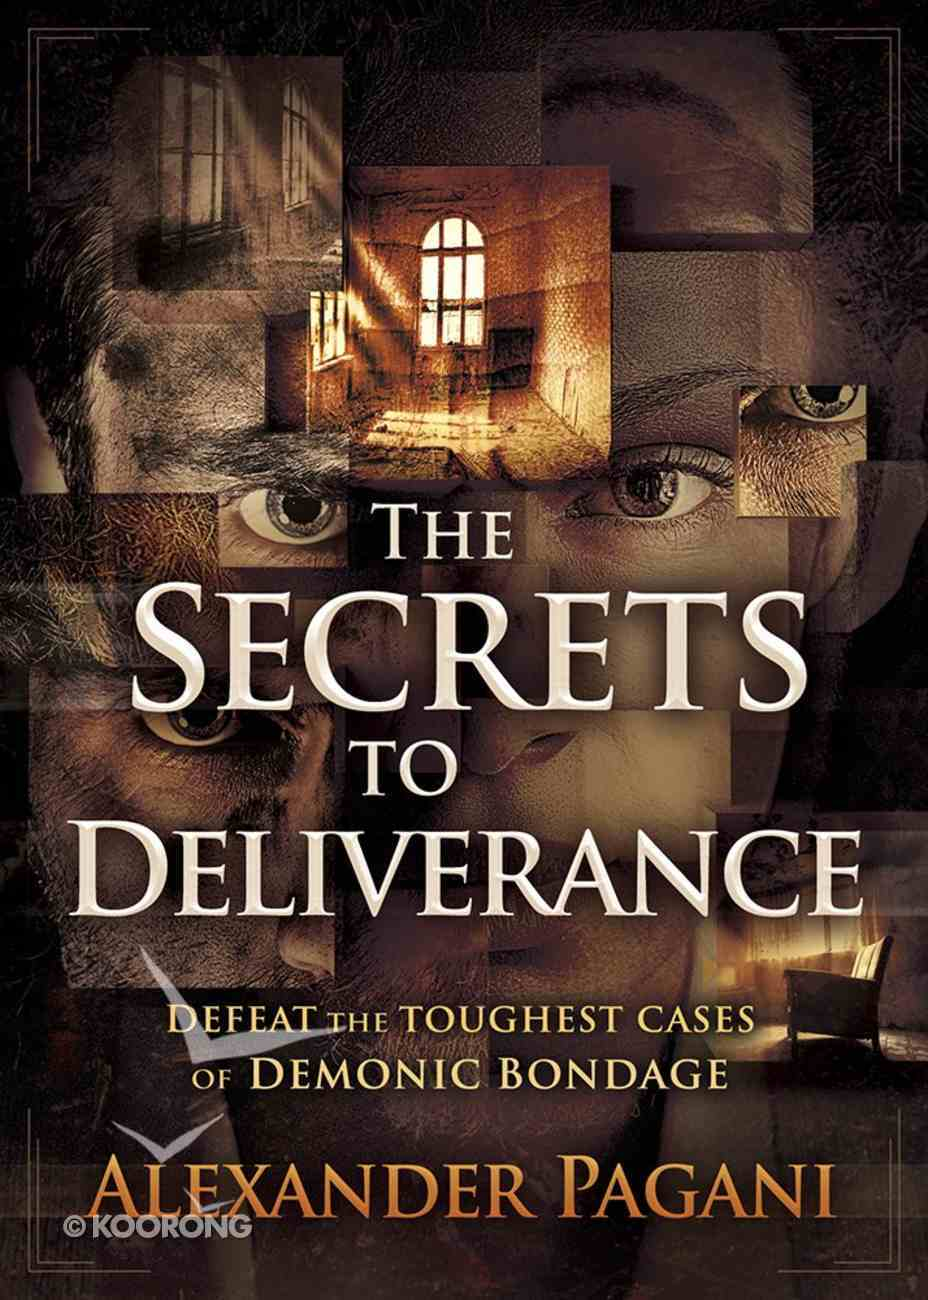 The Secrets to Deliverance: Defeat the Toughest Cases of Demonic Bondage Paperback